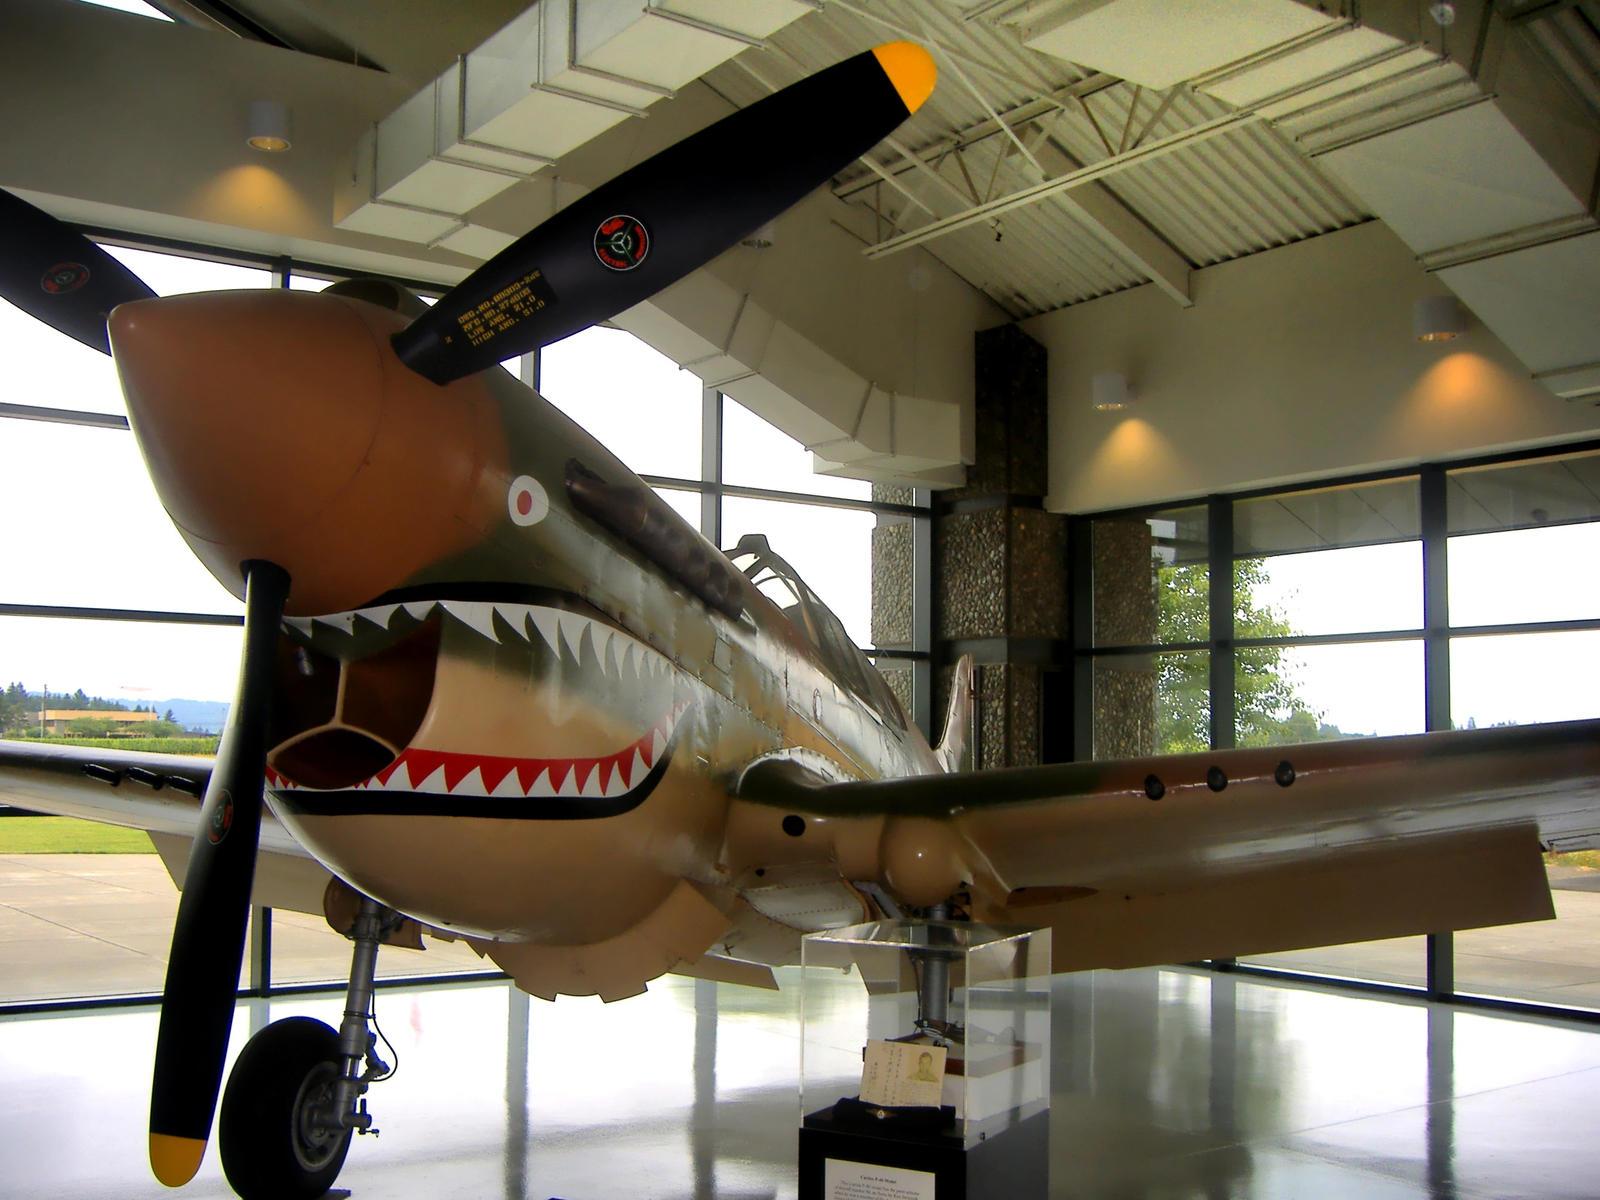 P-40 Warhawk by Sidneys1